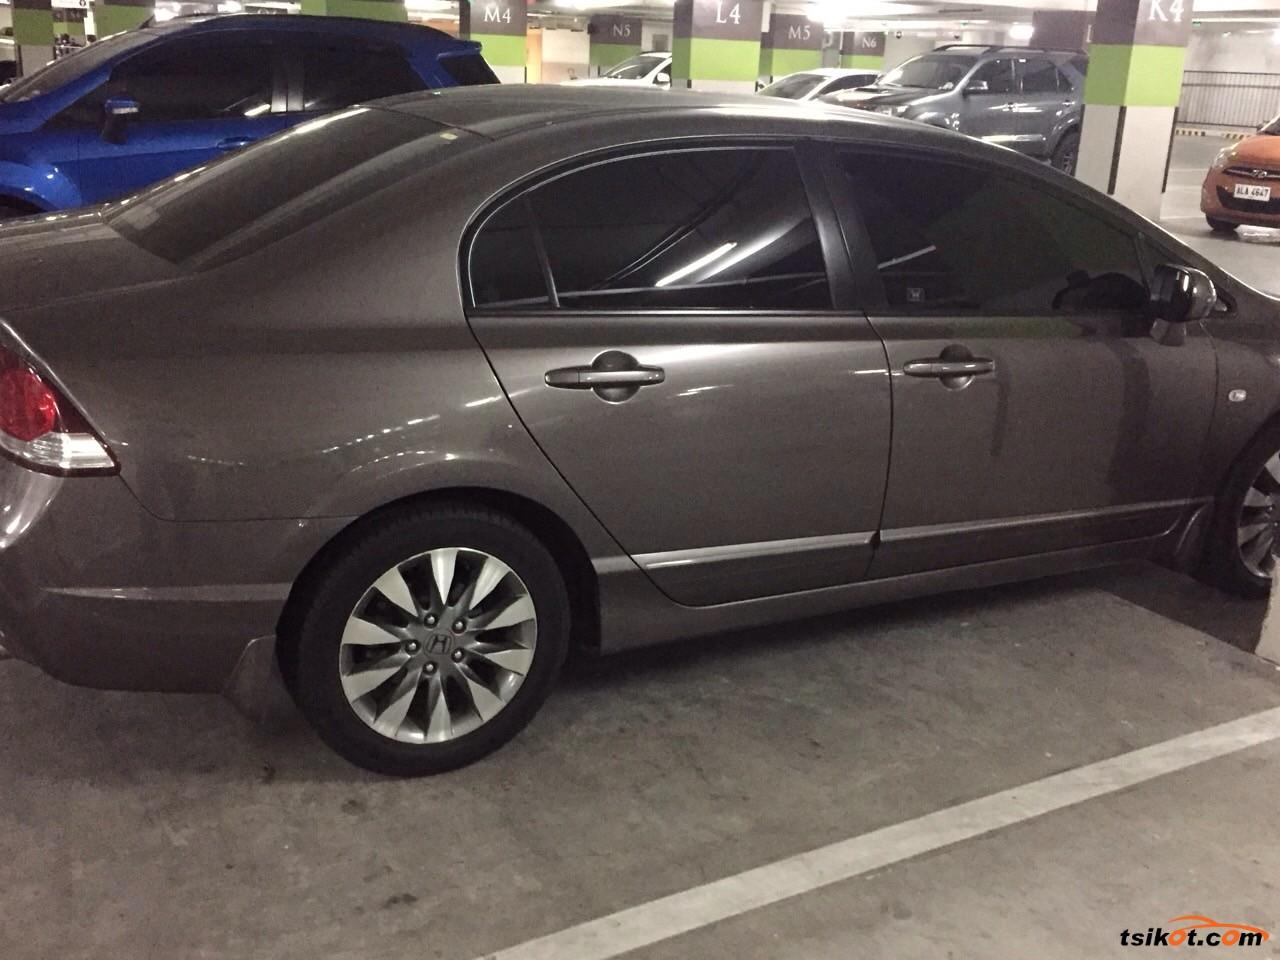 Honda Civic 2011 - 1